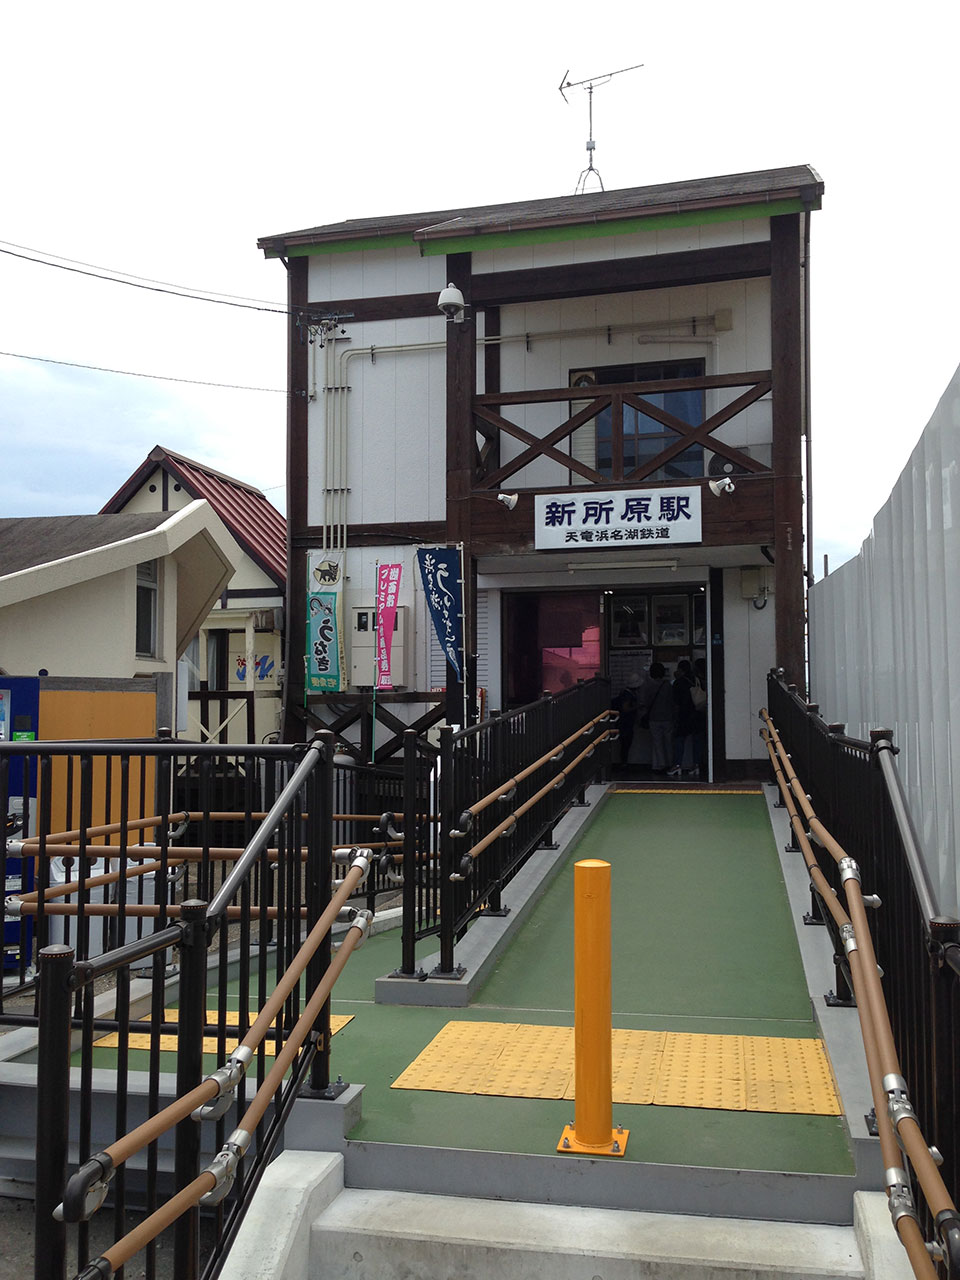 天竜浜名湖鉄道新所原駅